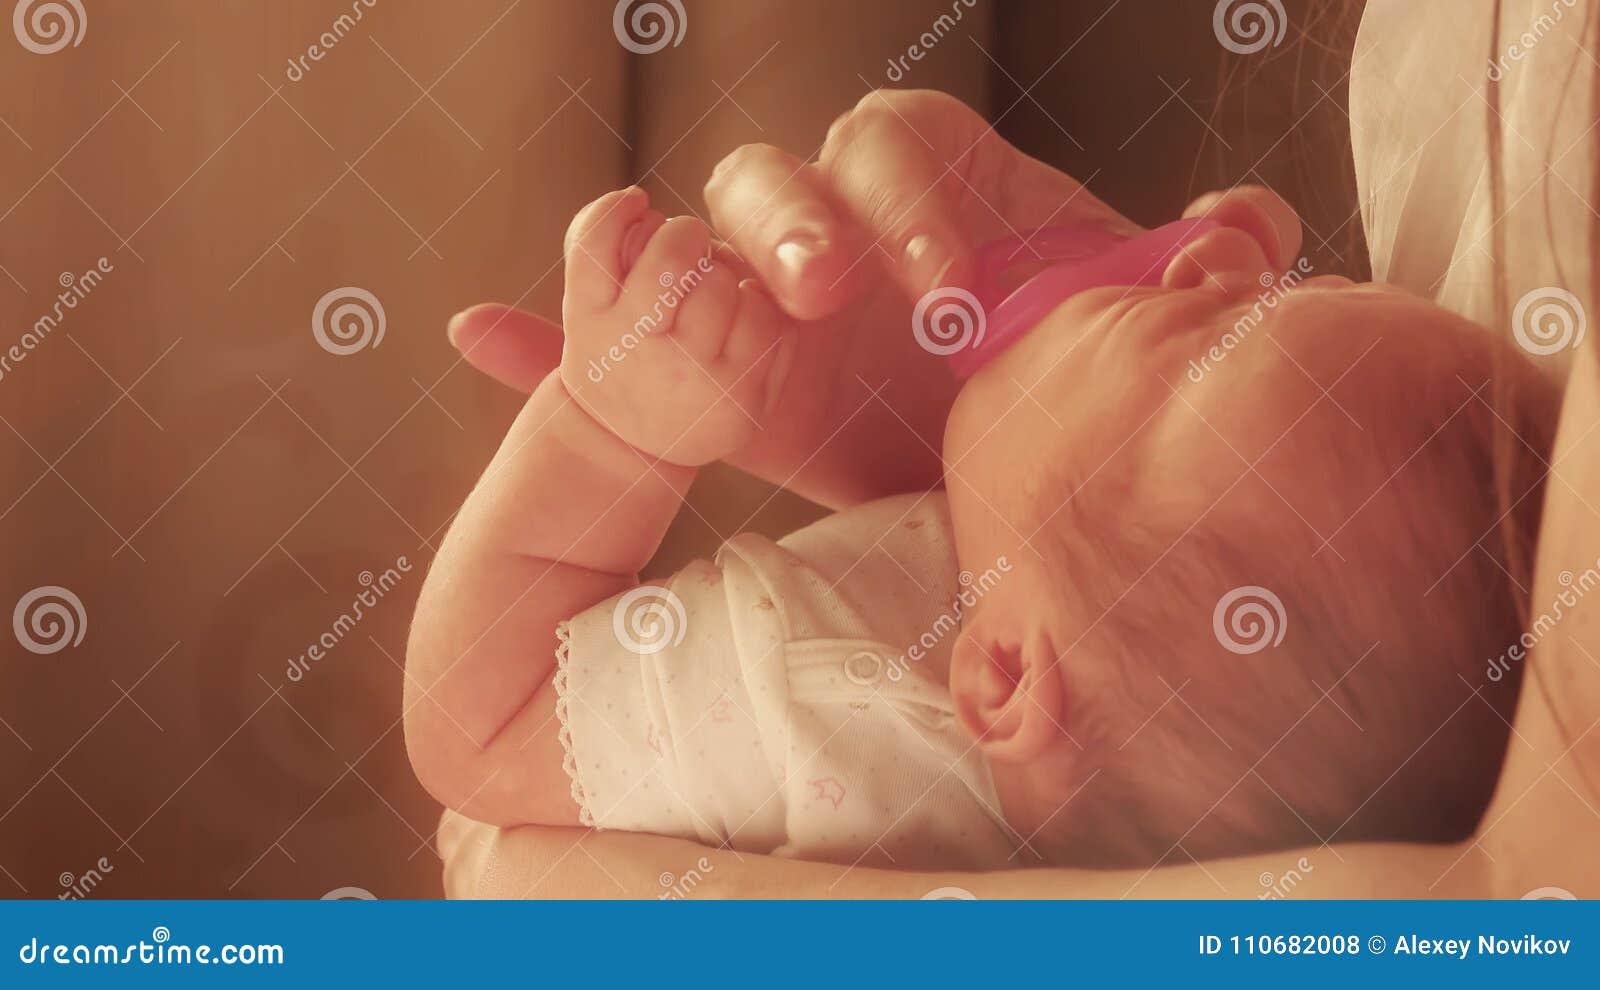 Maman calmant son bébé nouveau-né tatillon avec la tétine rose